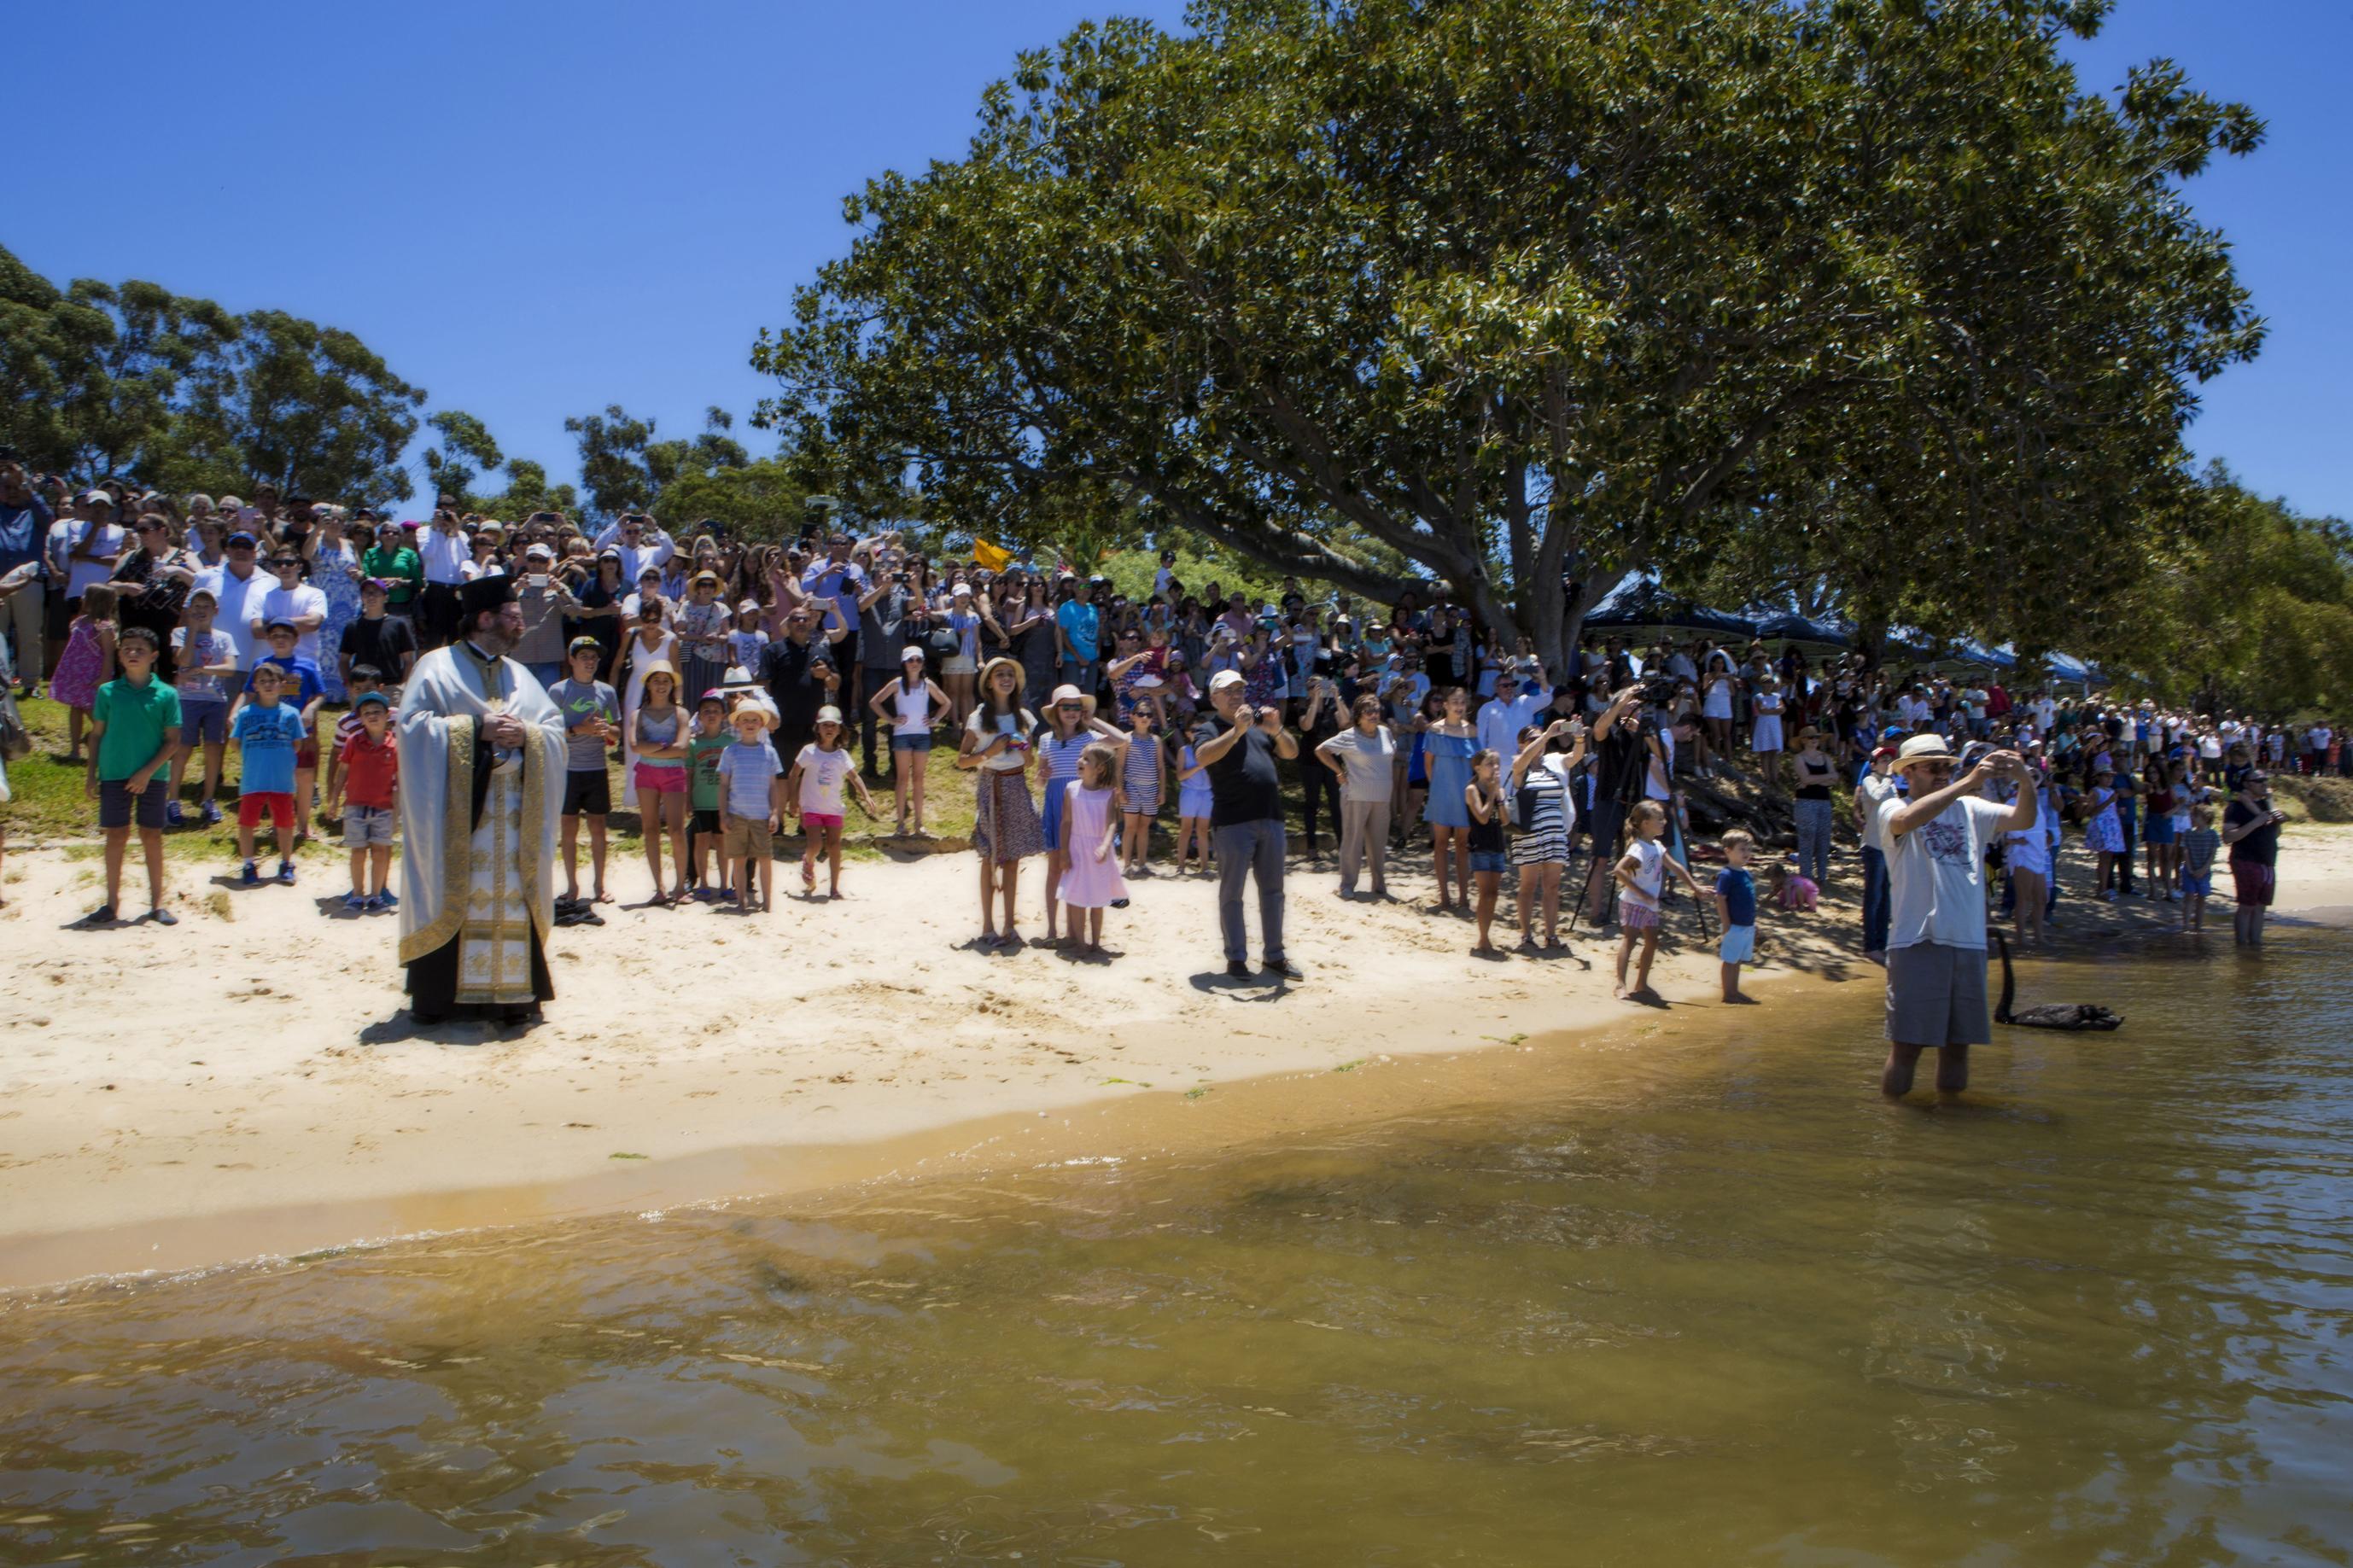 The Greek Orthodox community celebrates Epiphany Day at Matilda Bay.